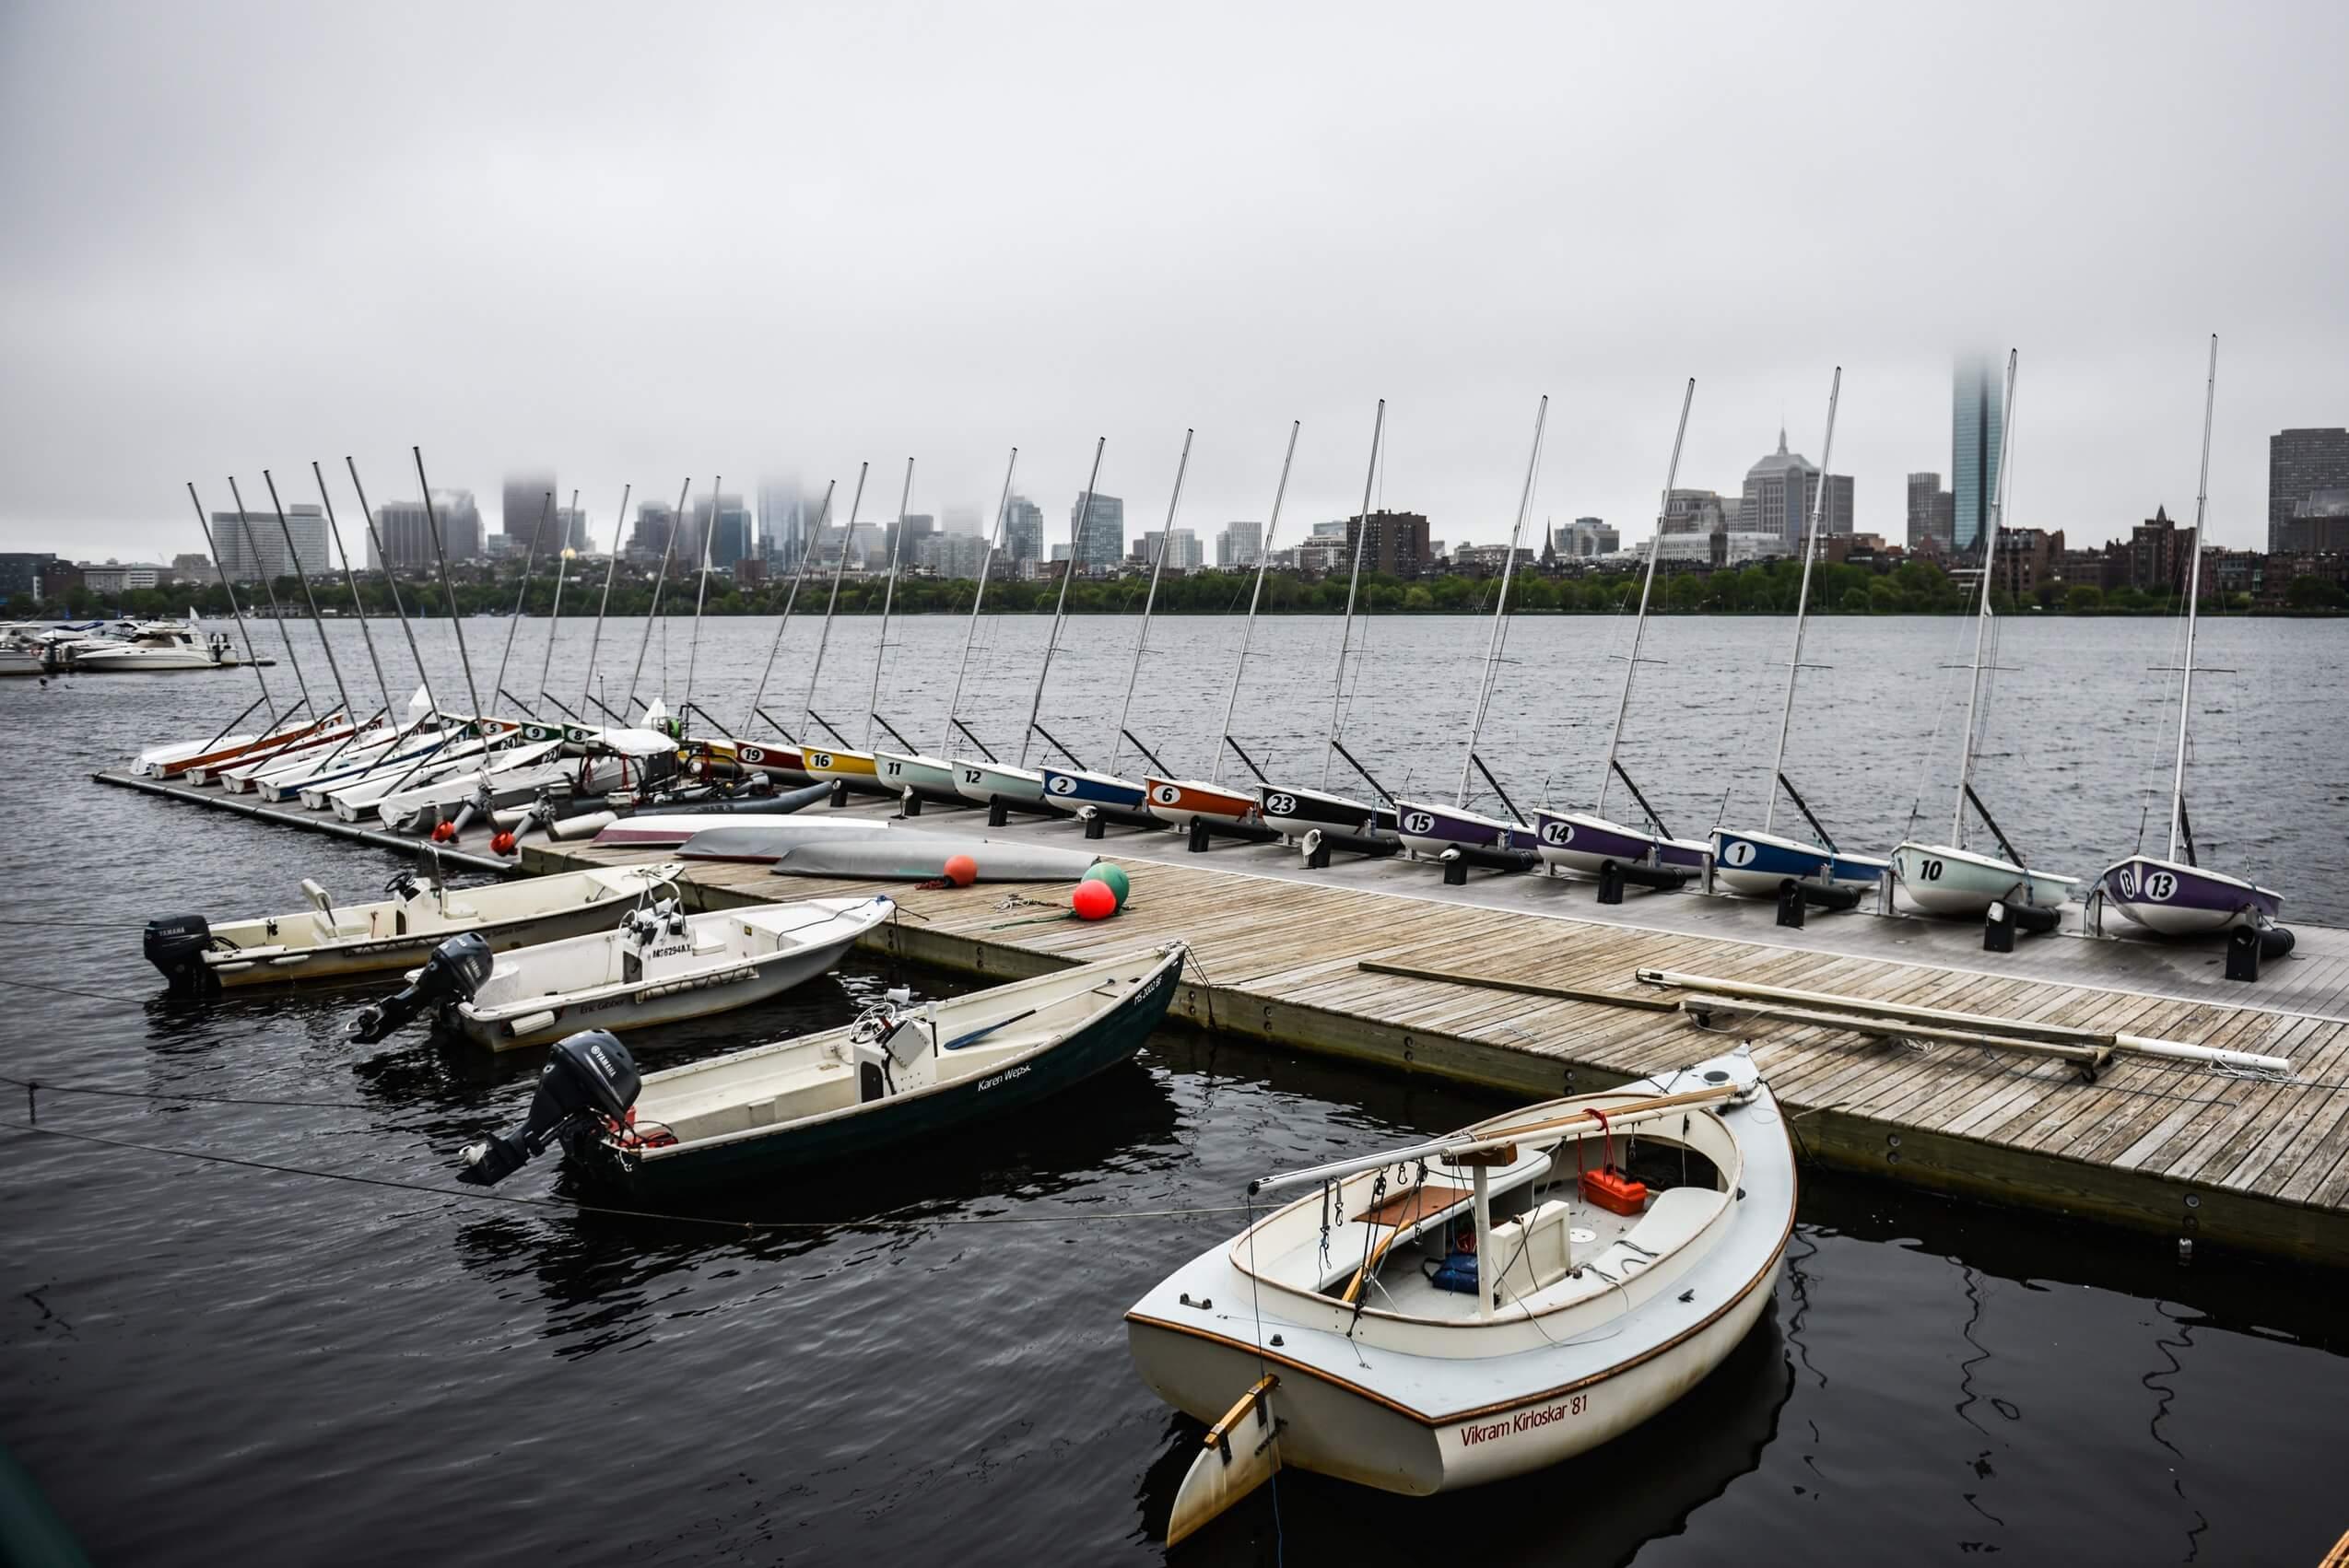 Fiberglass composite boats near a dock in Boston